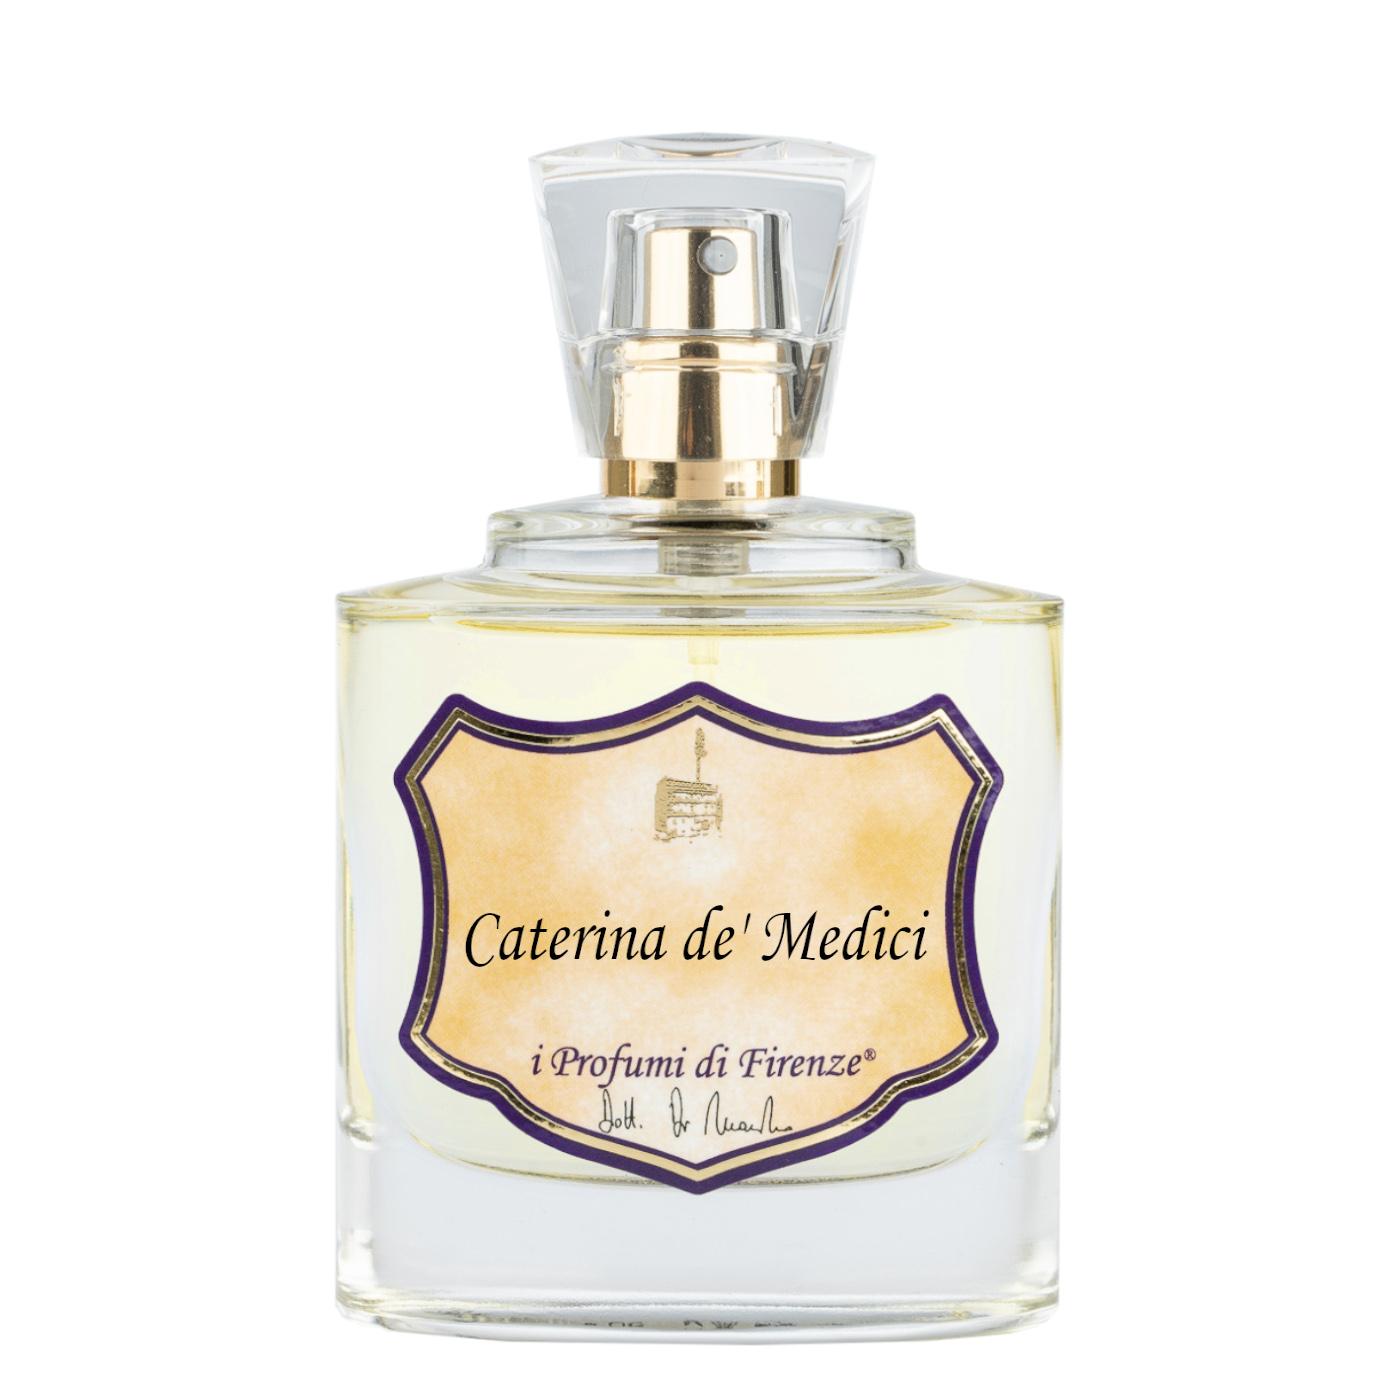 CATERINA DE' MEDICI - Eau de Parfum-4034